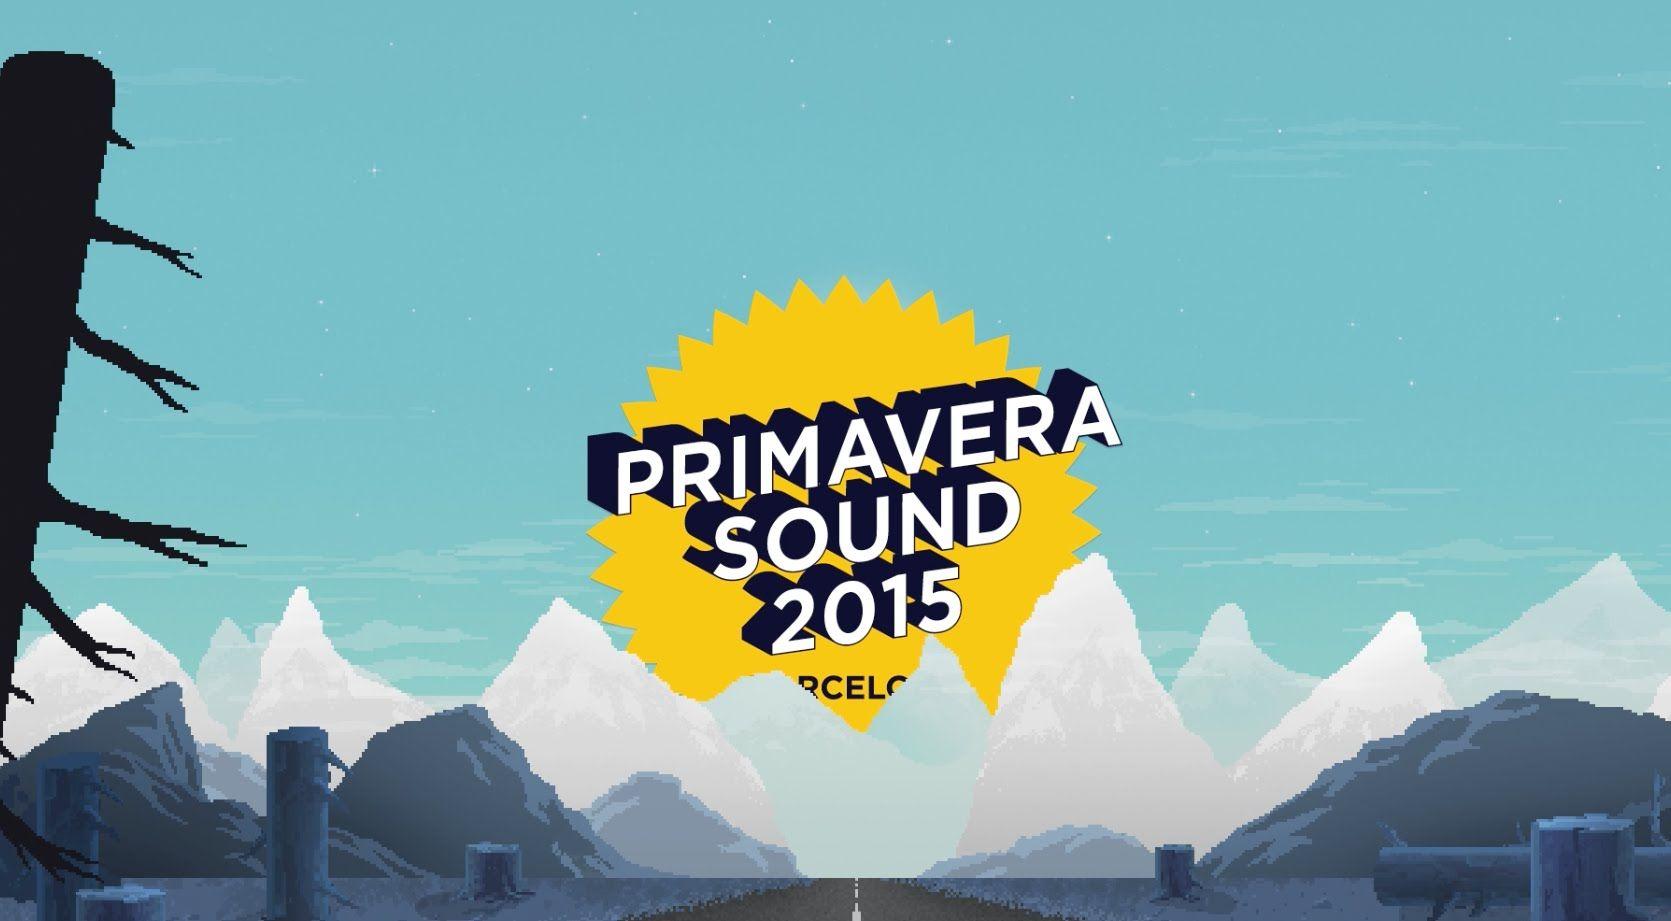 Primavera Sound 2015 Line-up